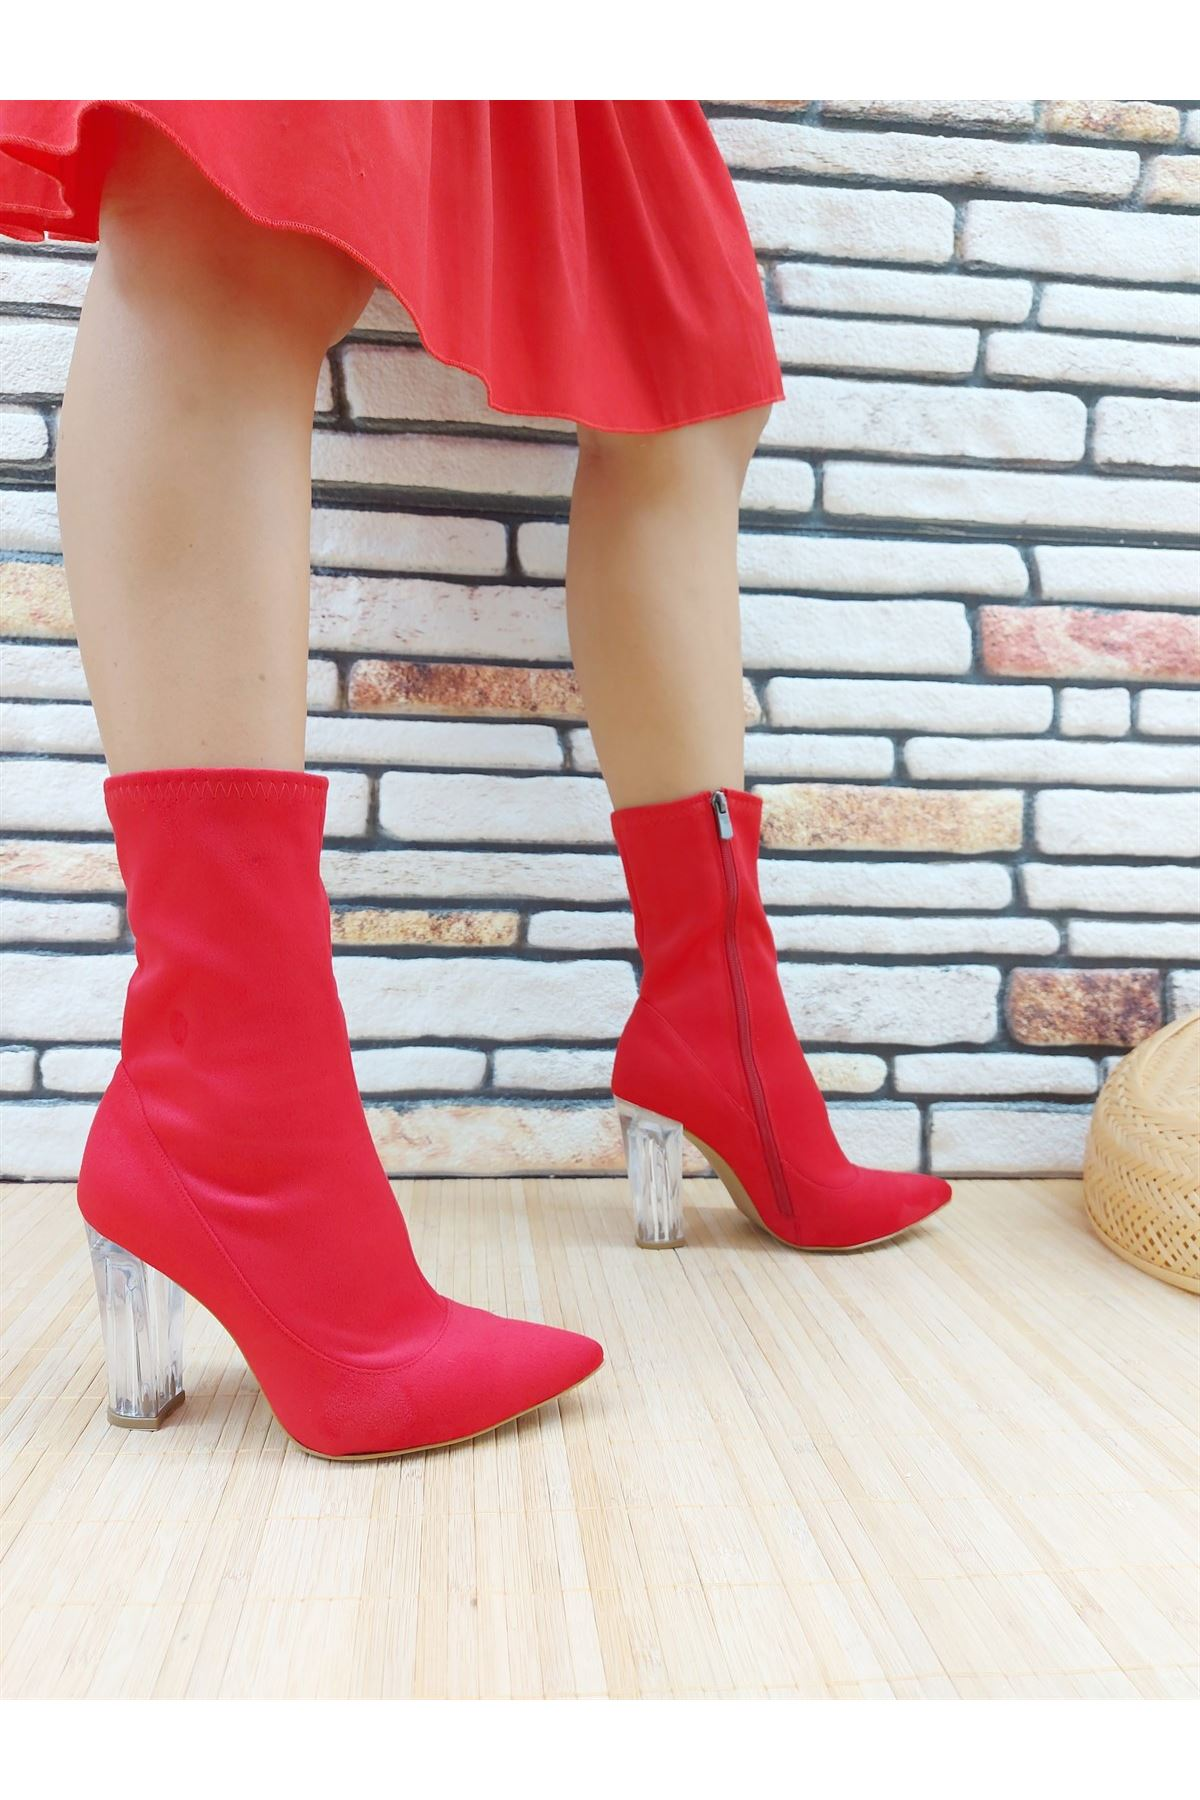 Rozan Kırmızı Süet Streç Topuklu Bot